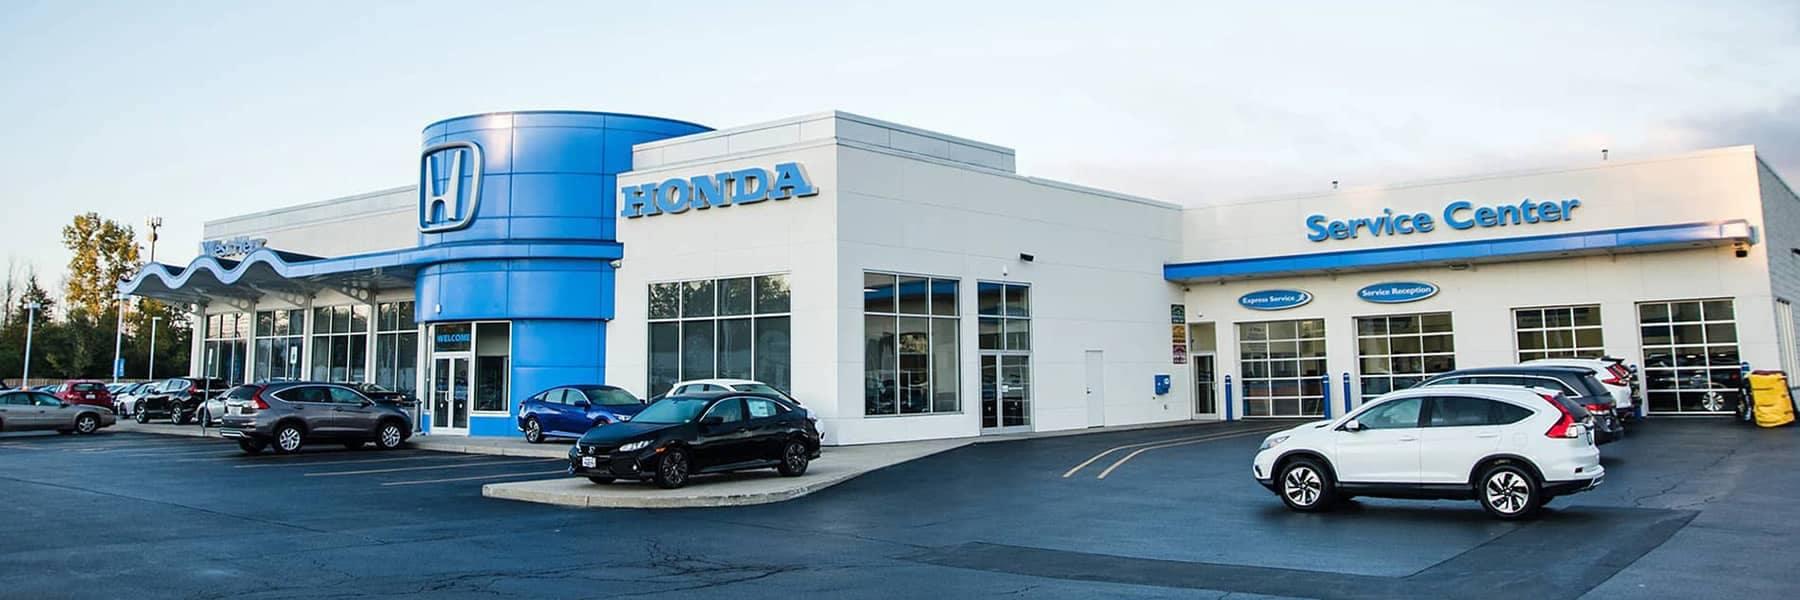 West Herr Honda Dealership front